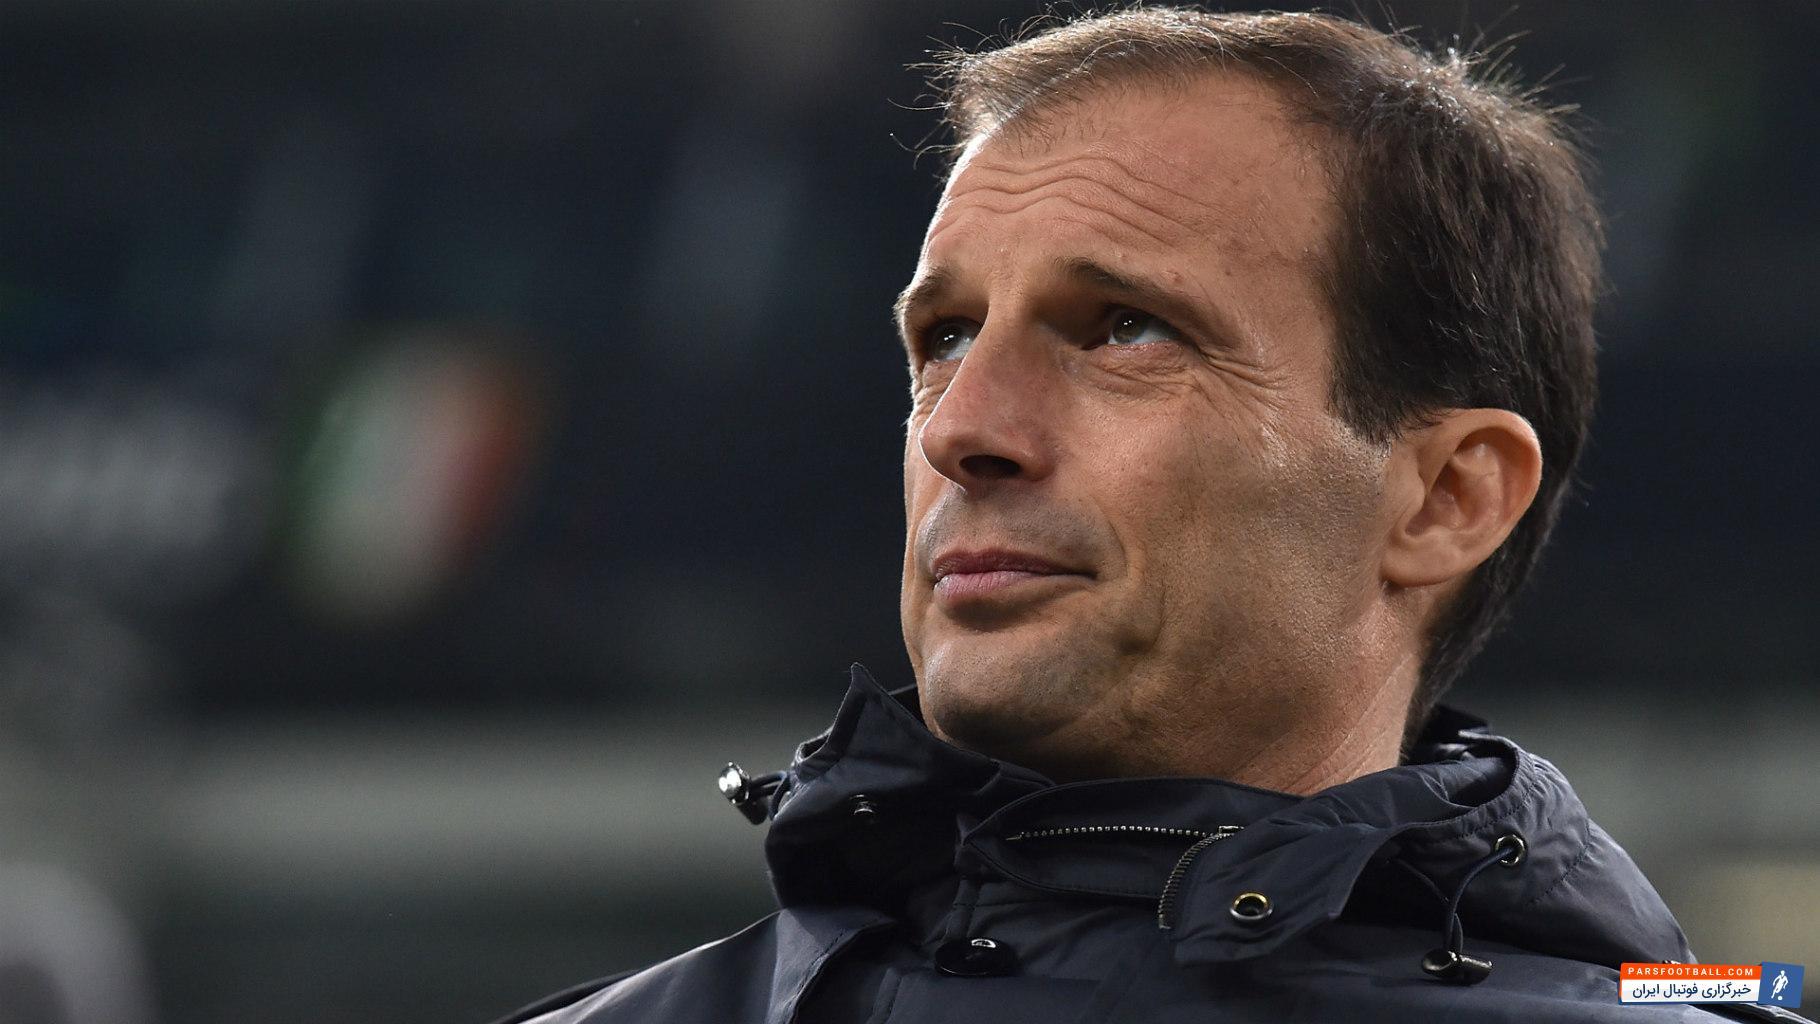 آلگری: نیمار و دیبالا ستاره های آتی خواهند بود ؛ فوتبال ایتالیا دلتنگ گالیانی و برلوسکونی خواهد شد